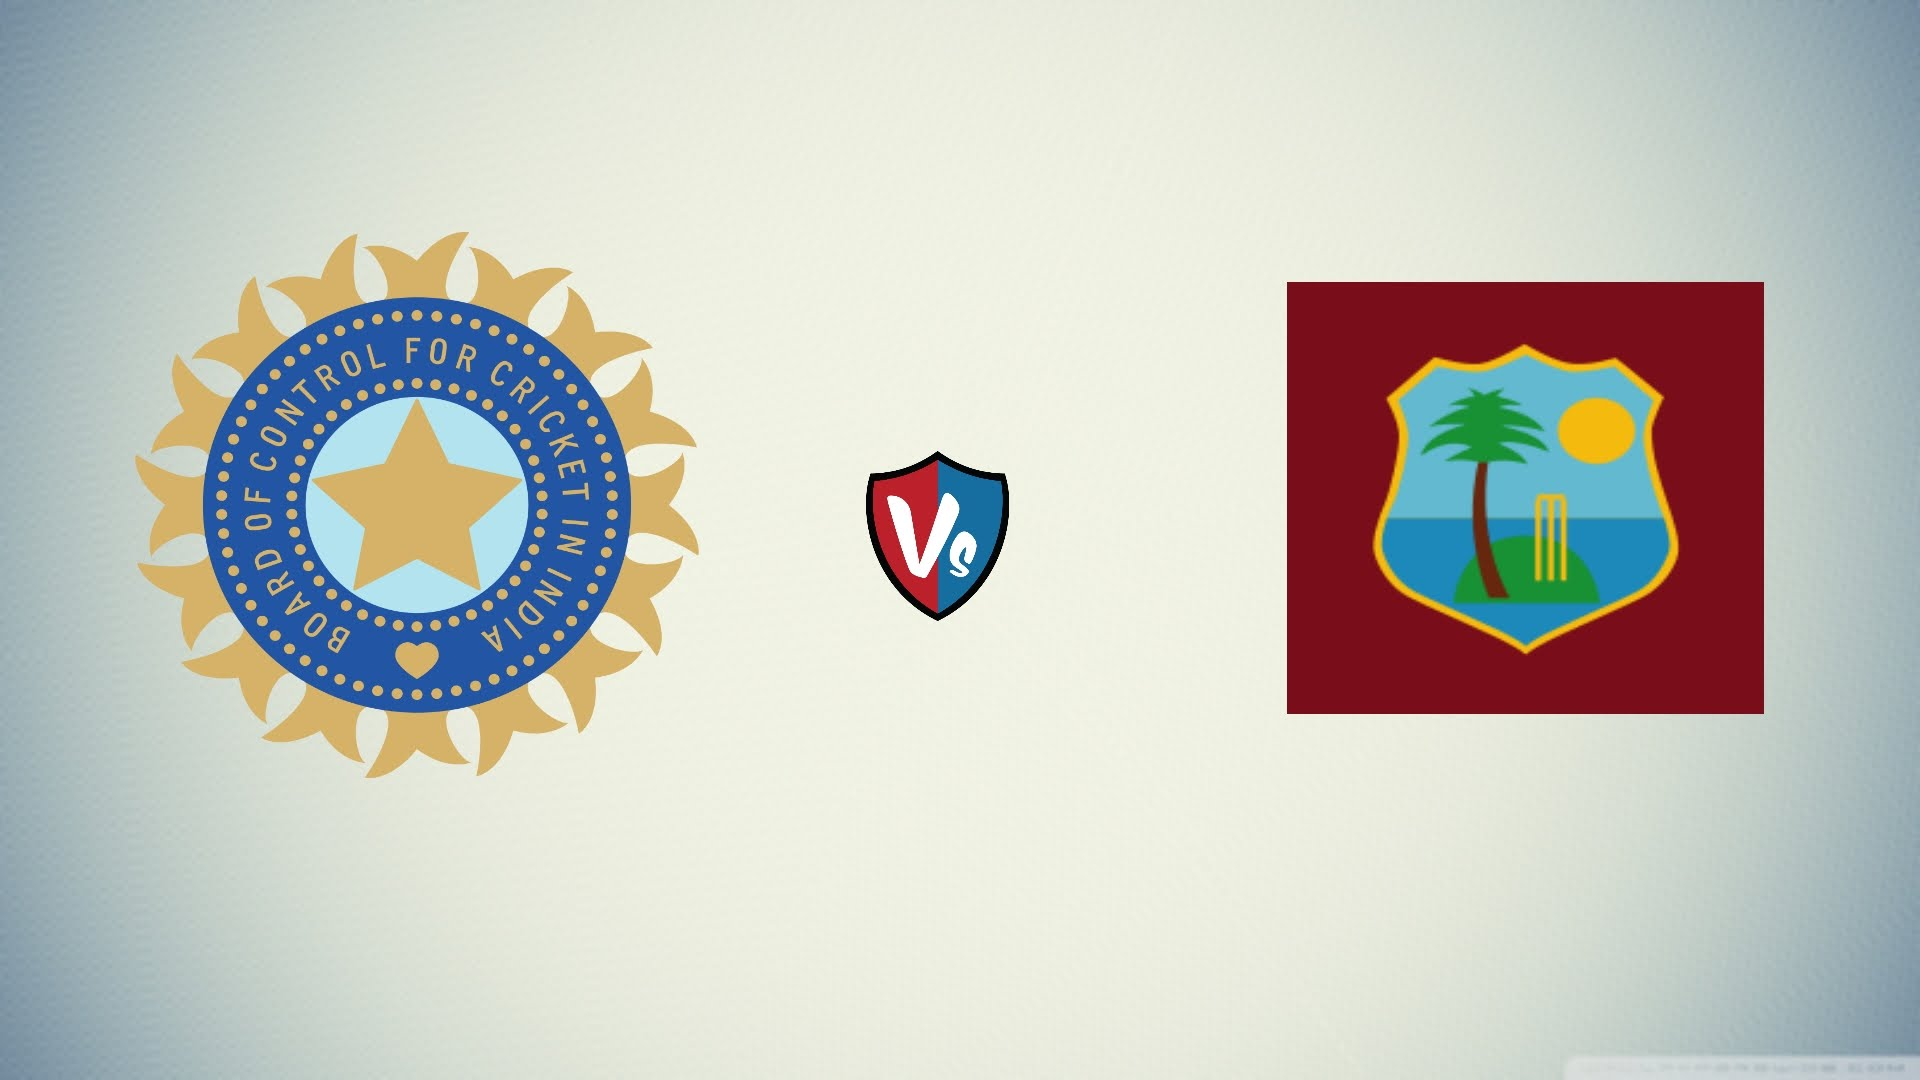 2014 से अब तक वेस्टइंडीज से एक भी टी-20 मुकाबला जीत नहीं सकी है भारतीय टीम 17